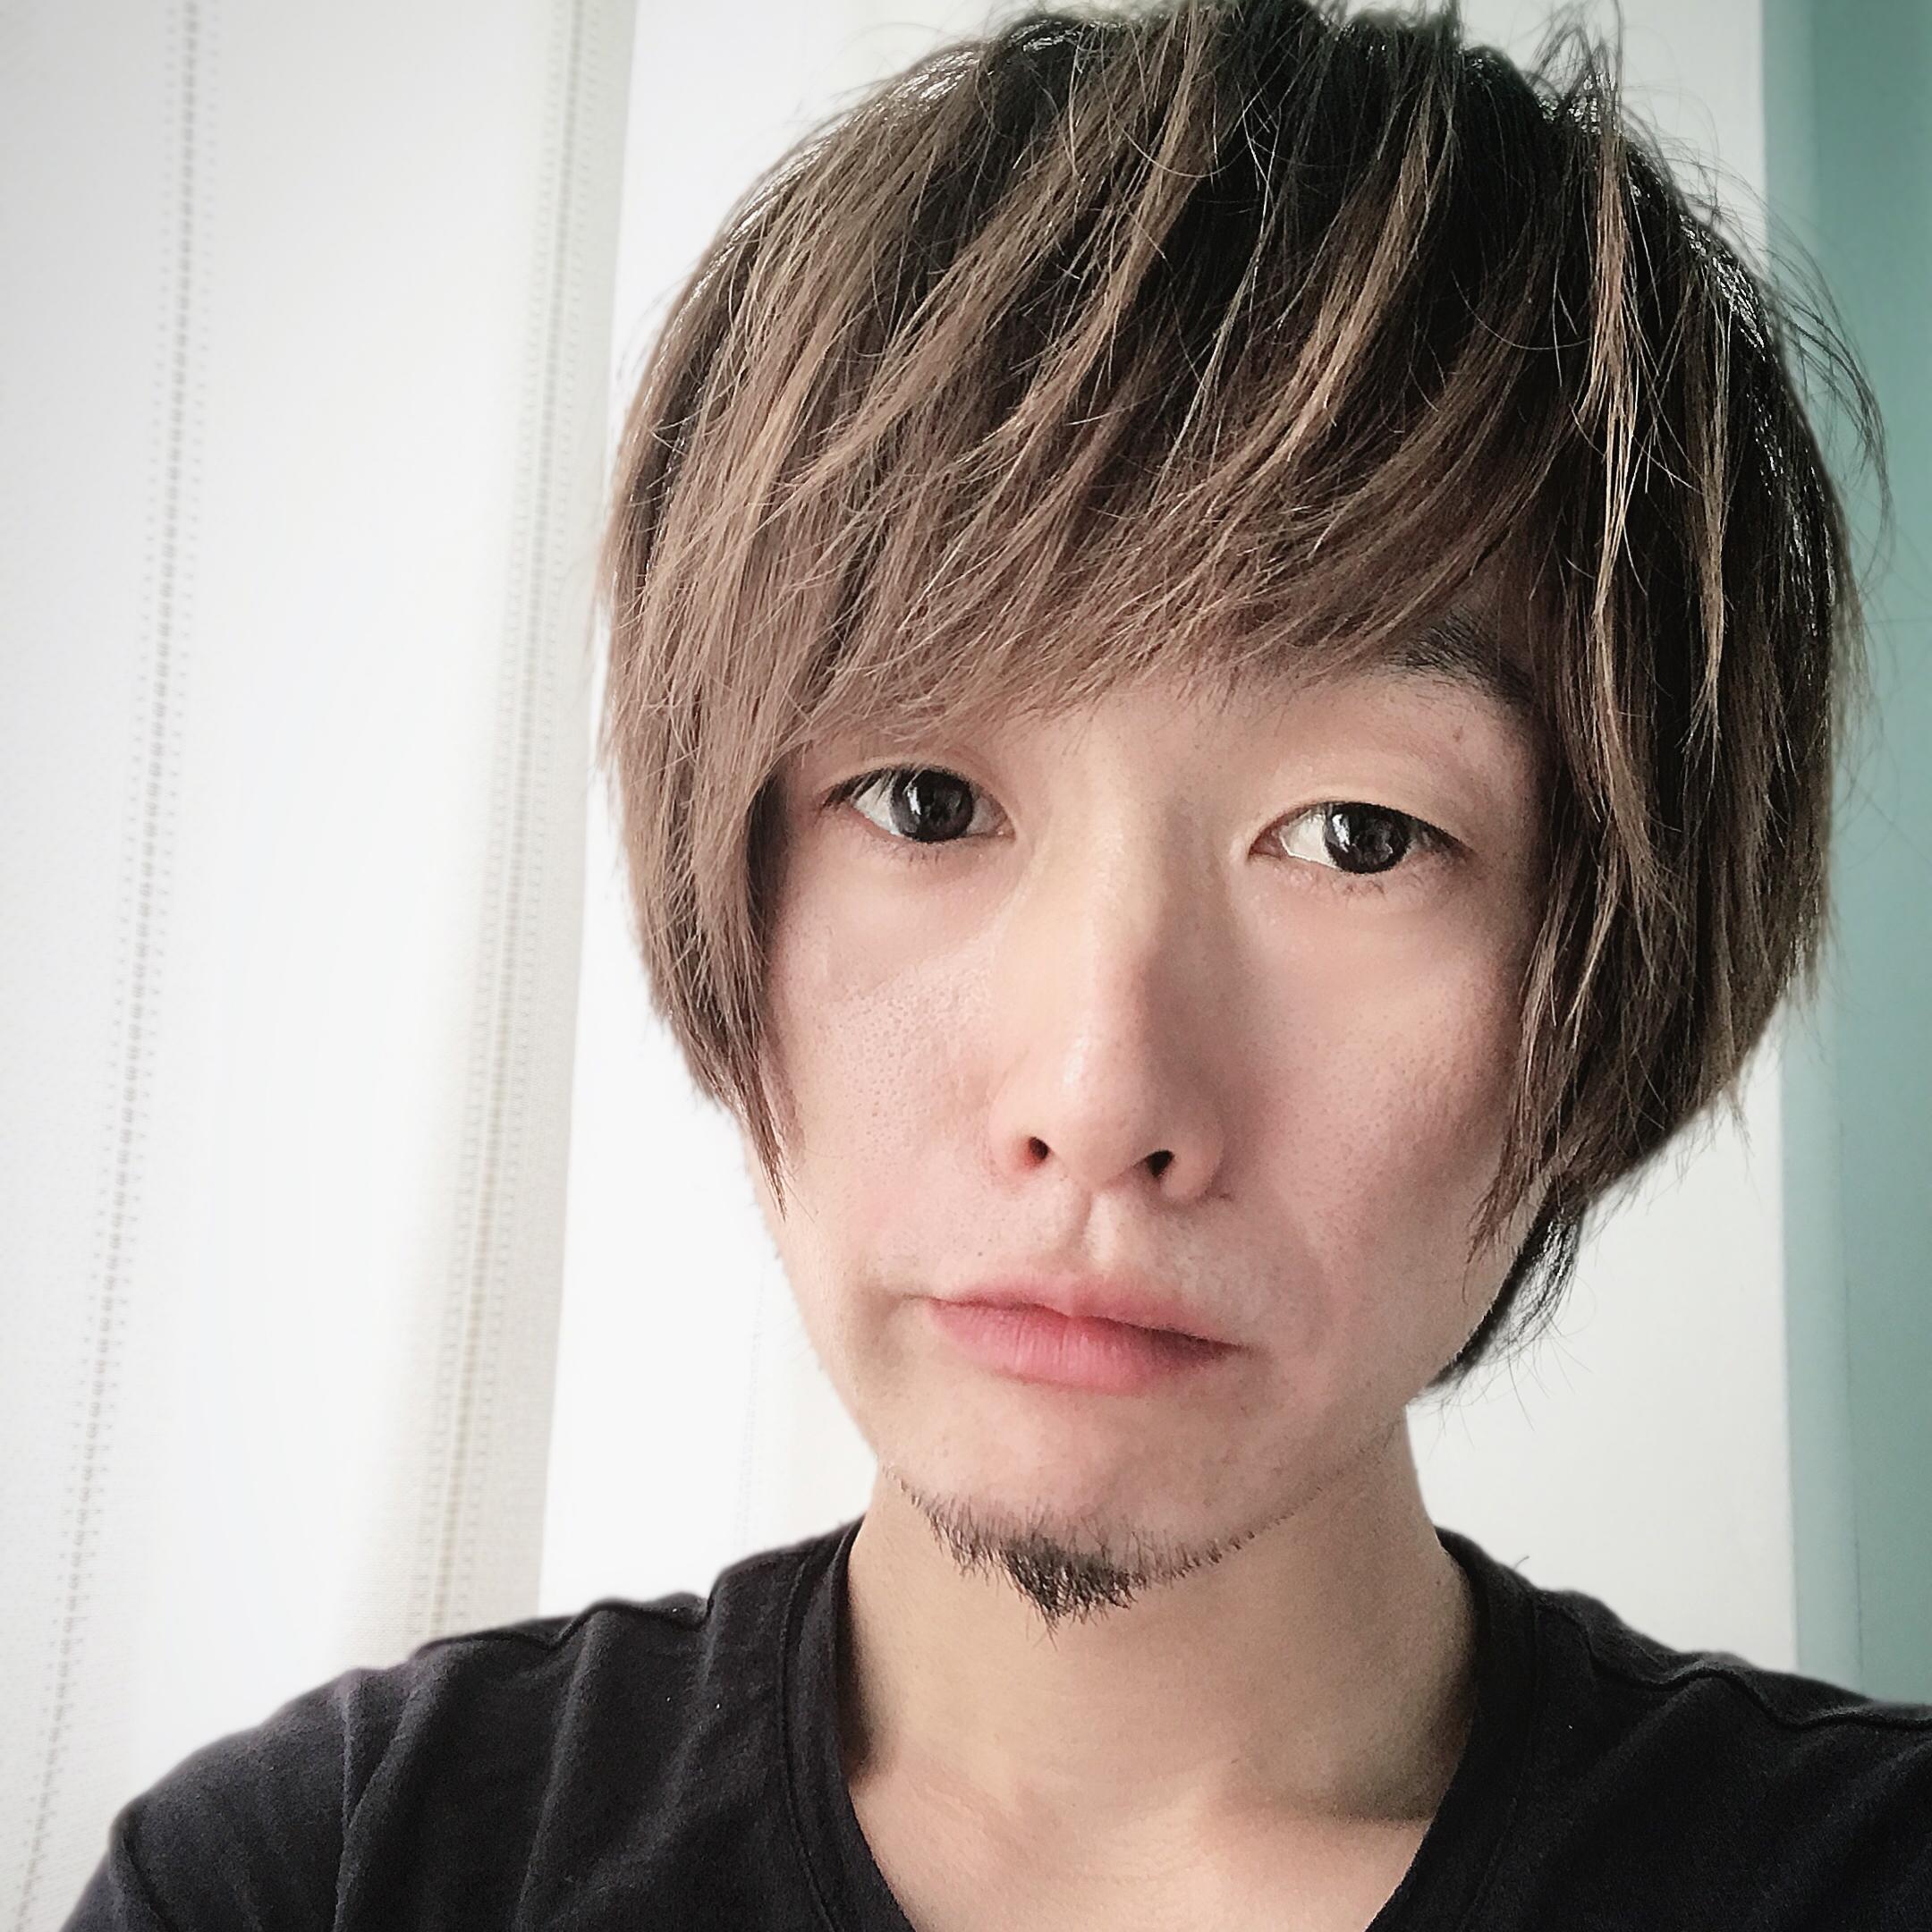 Yukinori Taguchi